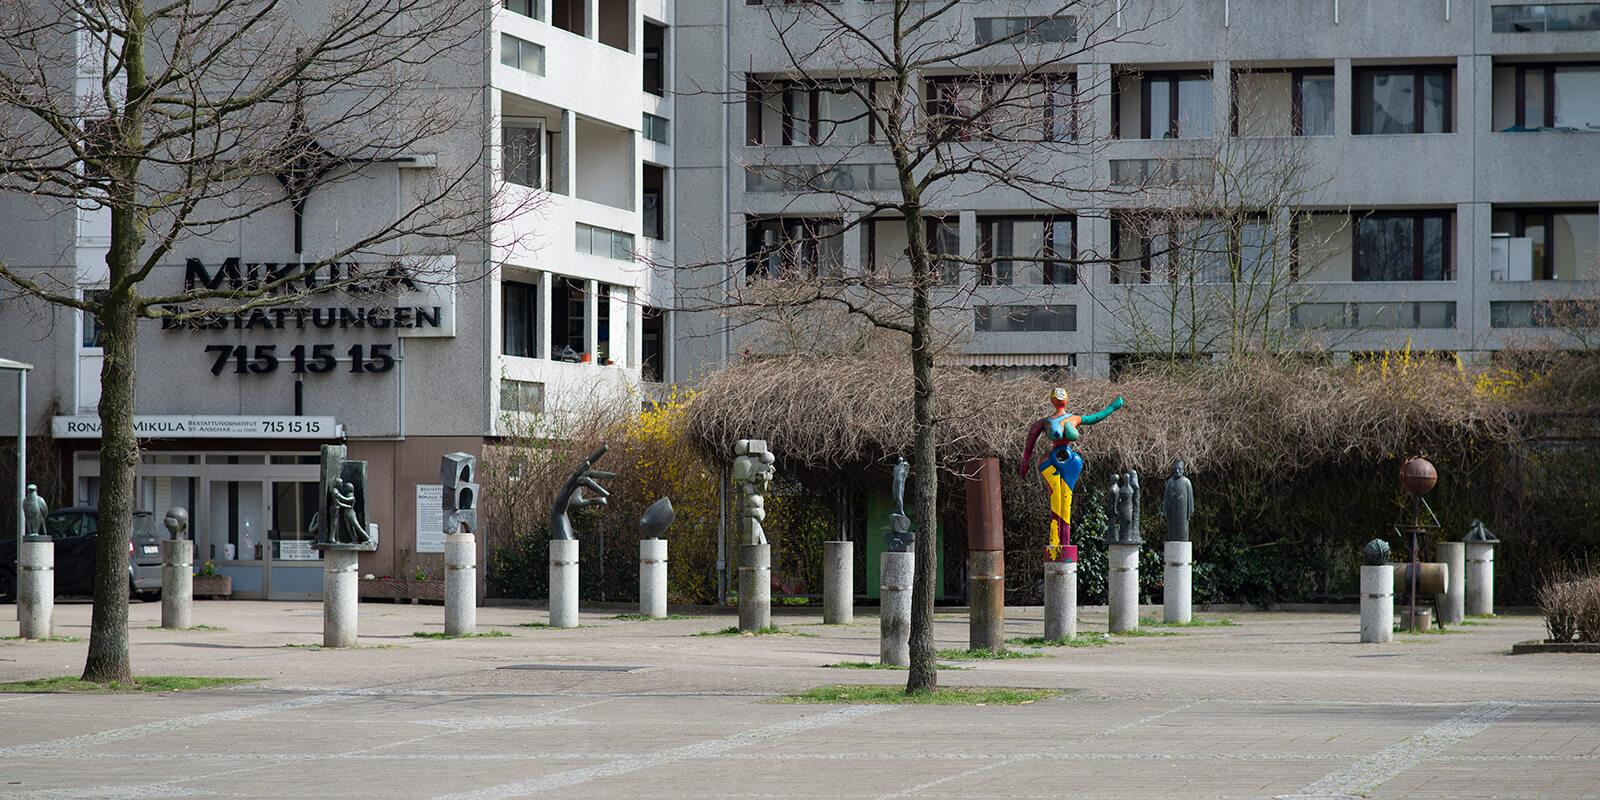 Skulpturenhof Mümmelmannsberg